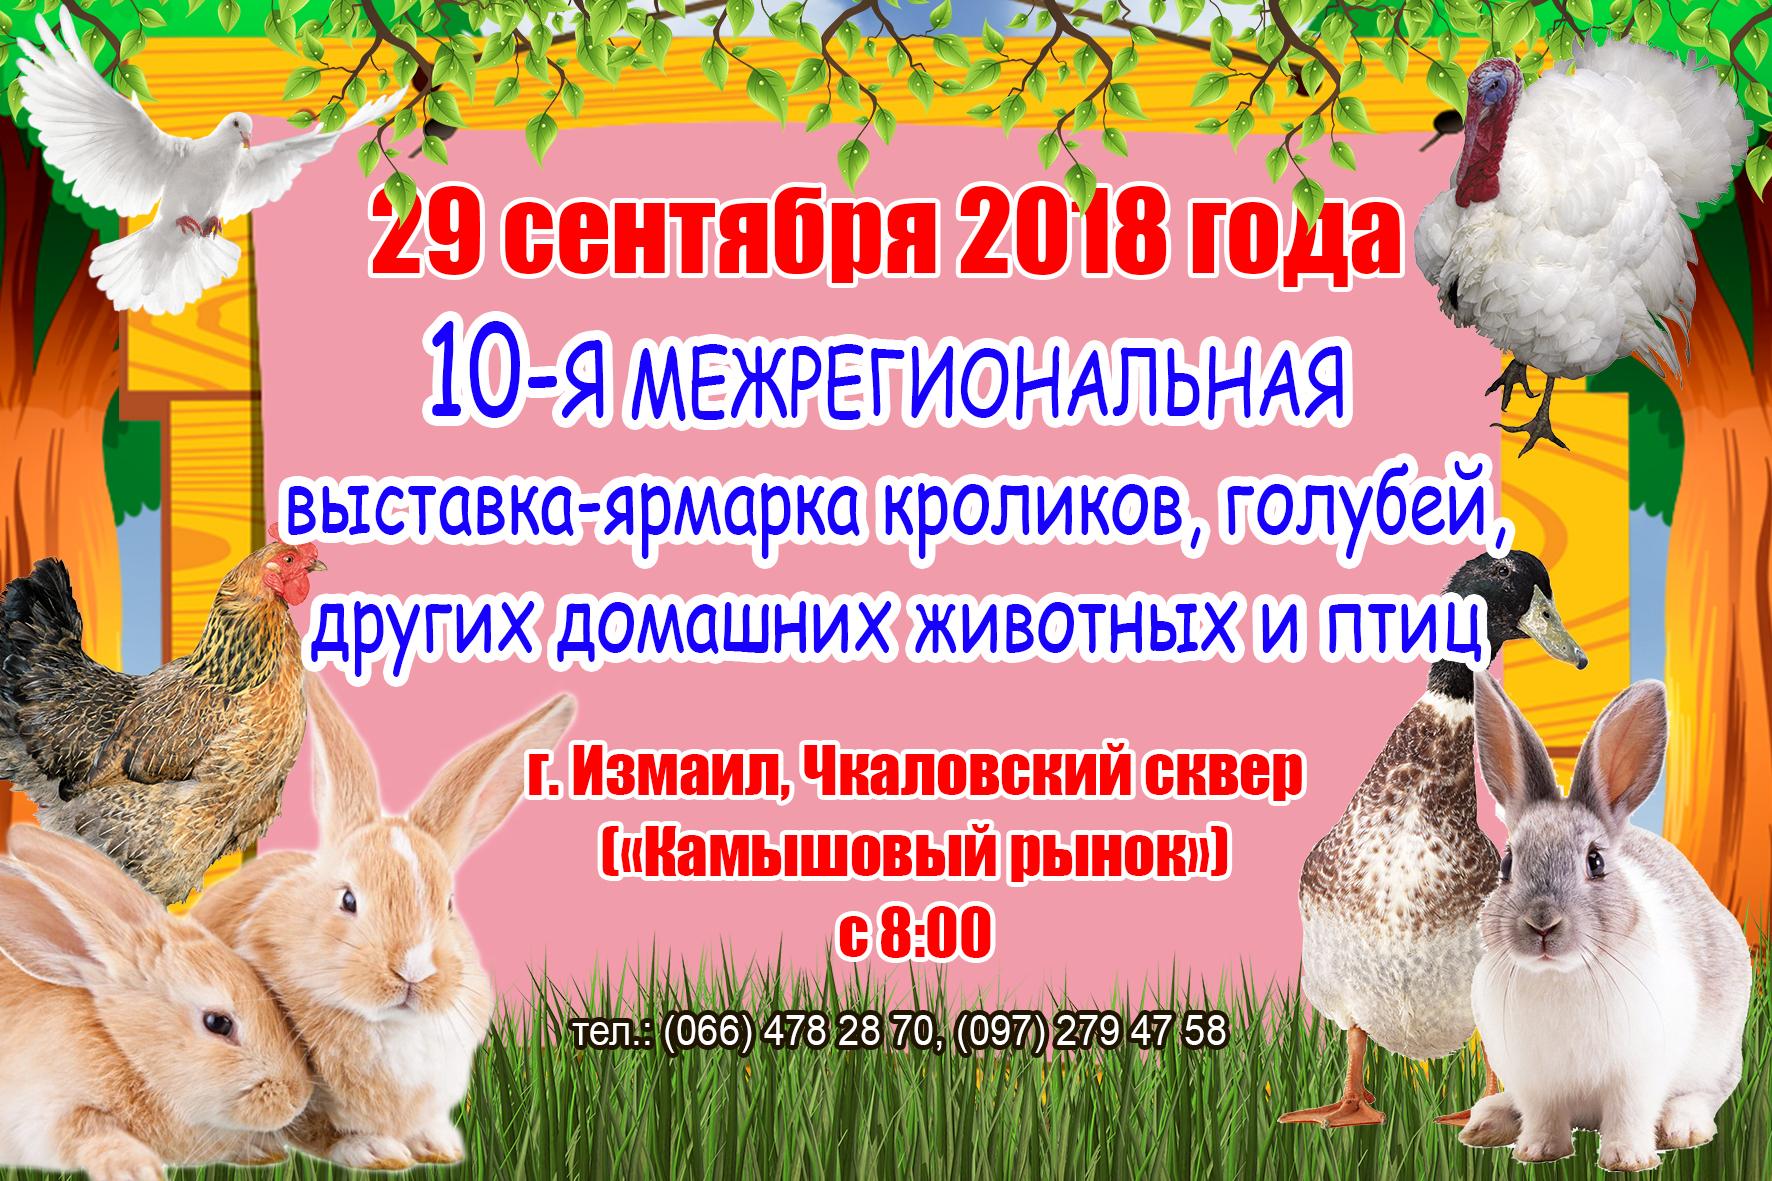 В Измаиле пройдет юбилейная выставка-ярмарка кроликов, голубей и домашних животных